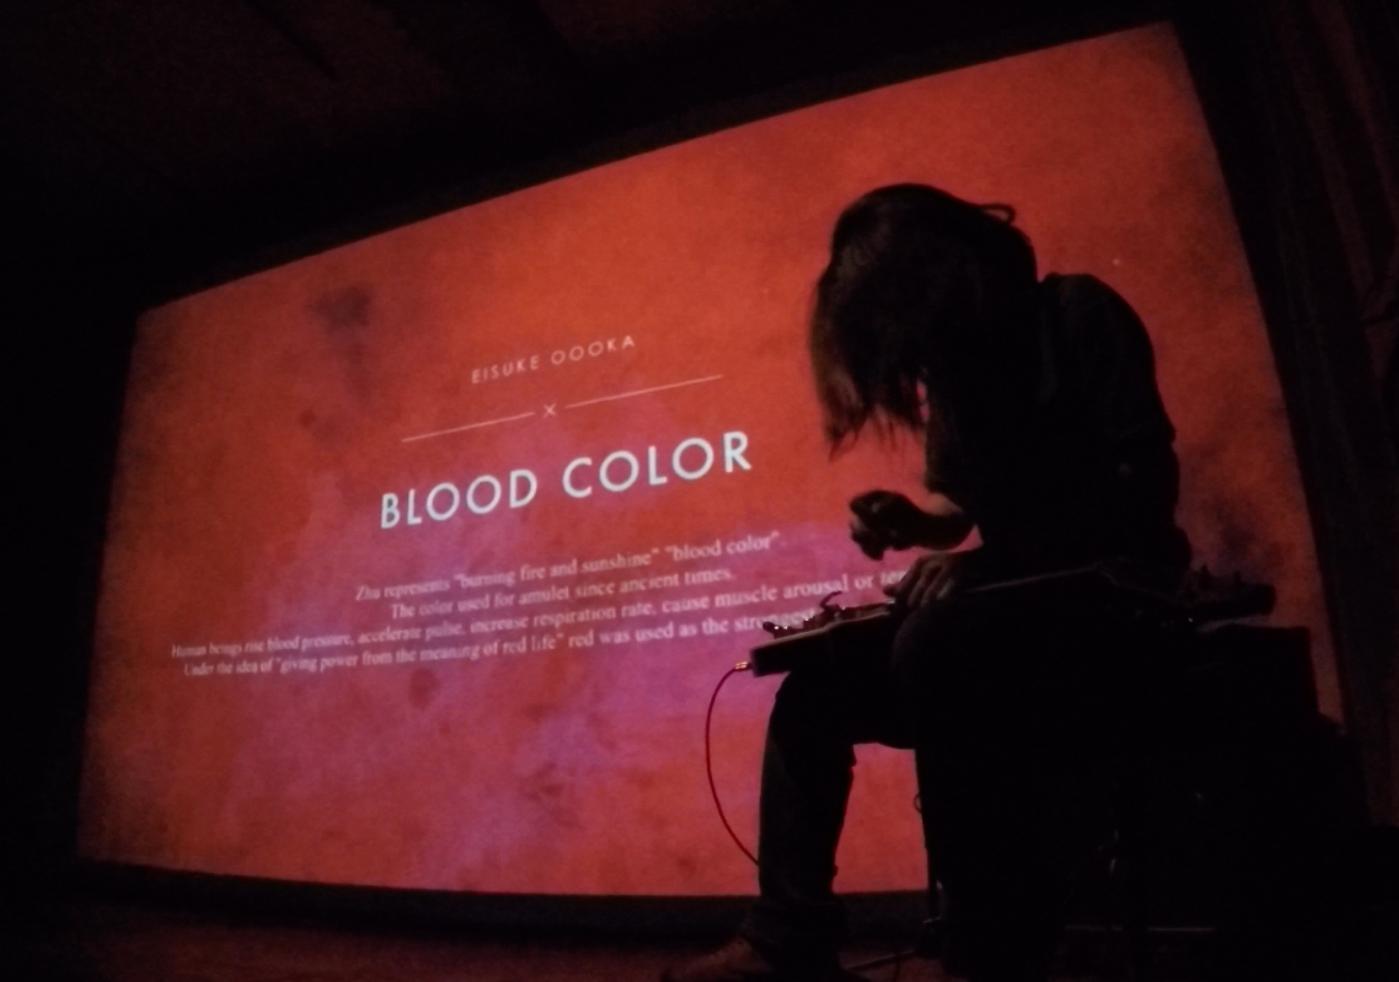 BLOOD COLOR / EISUKE OOOKA